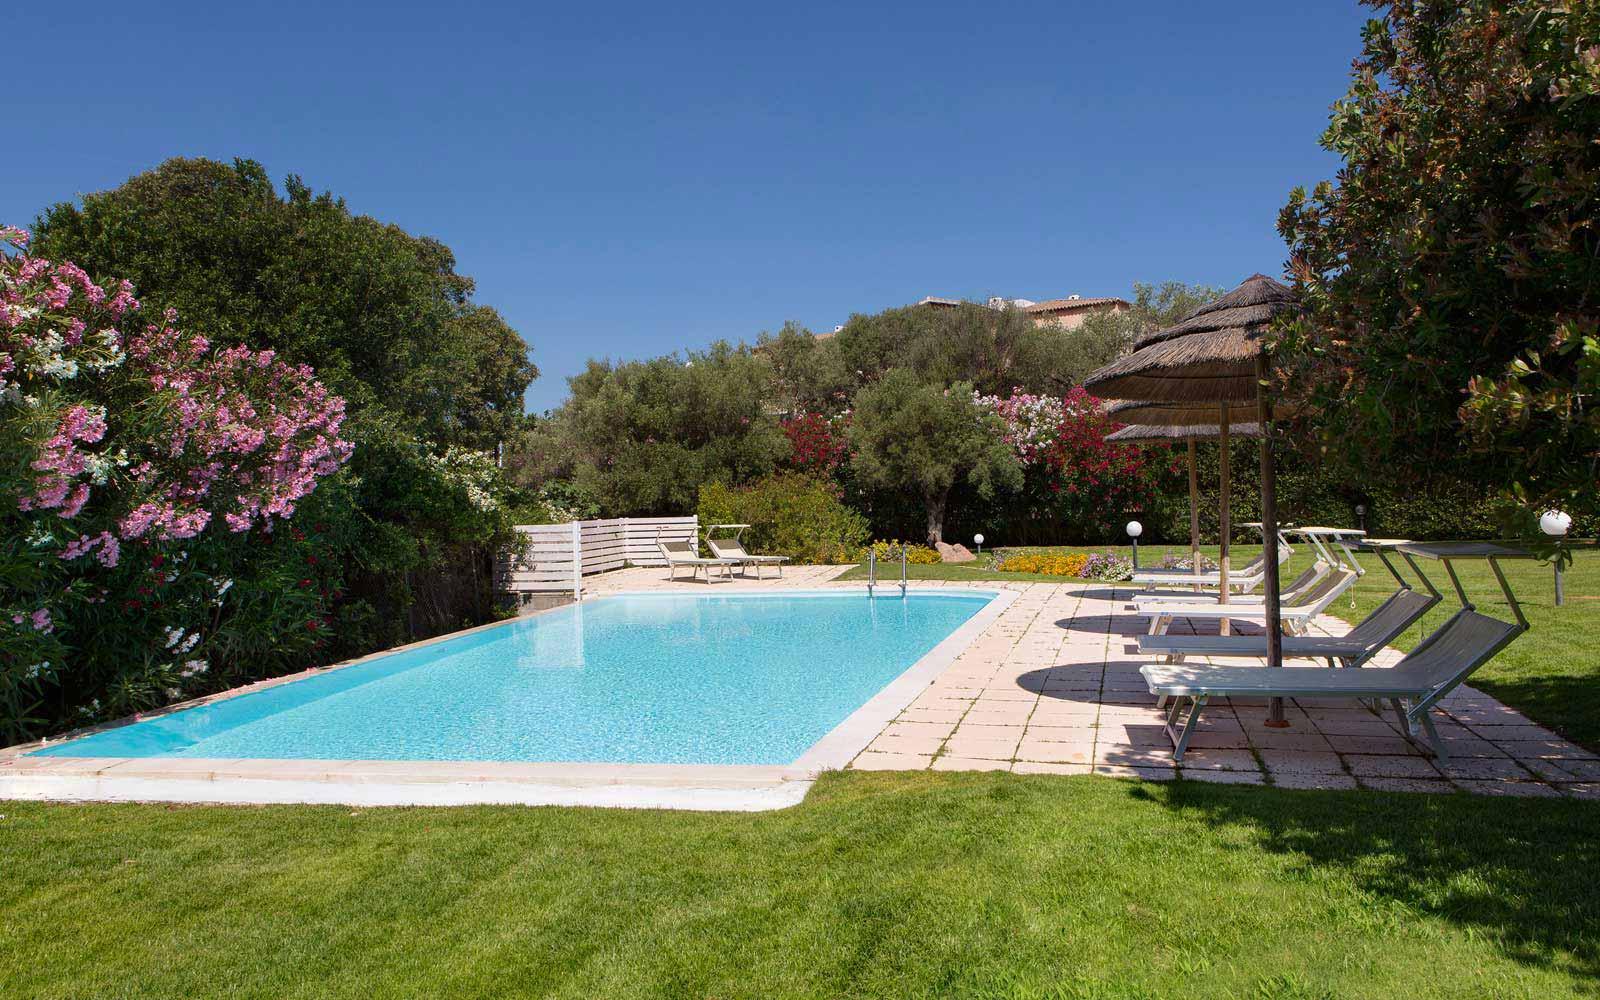 Private pool at Hotel La Rocca Resort & Spa